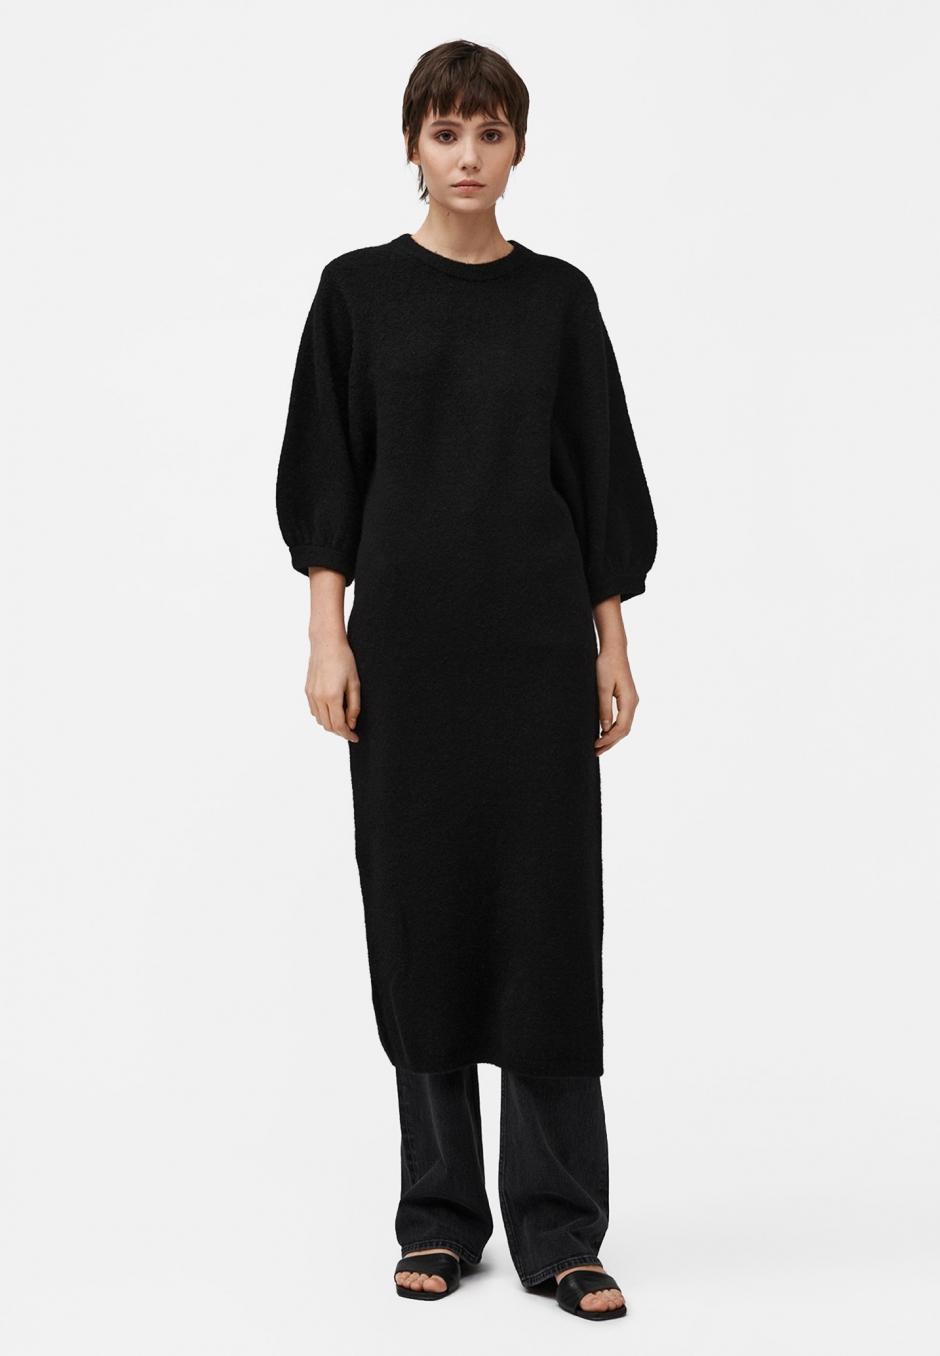 Stylein Emelyn Dress